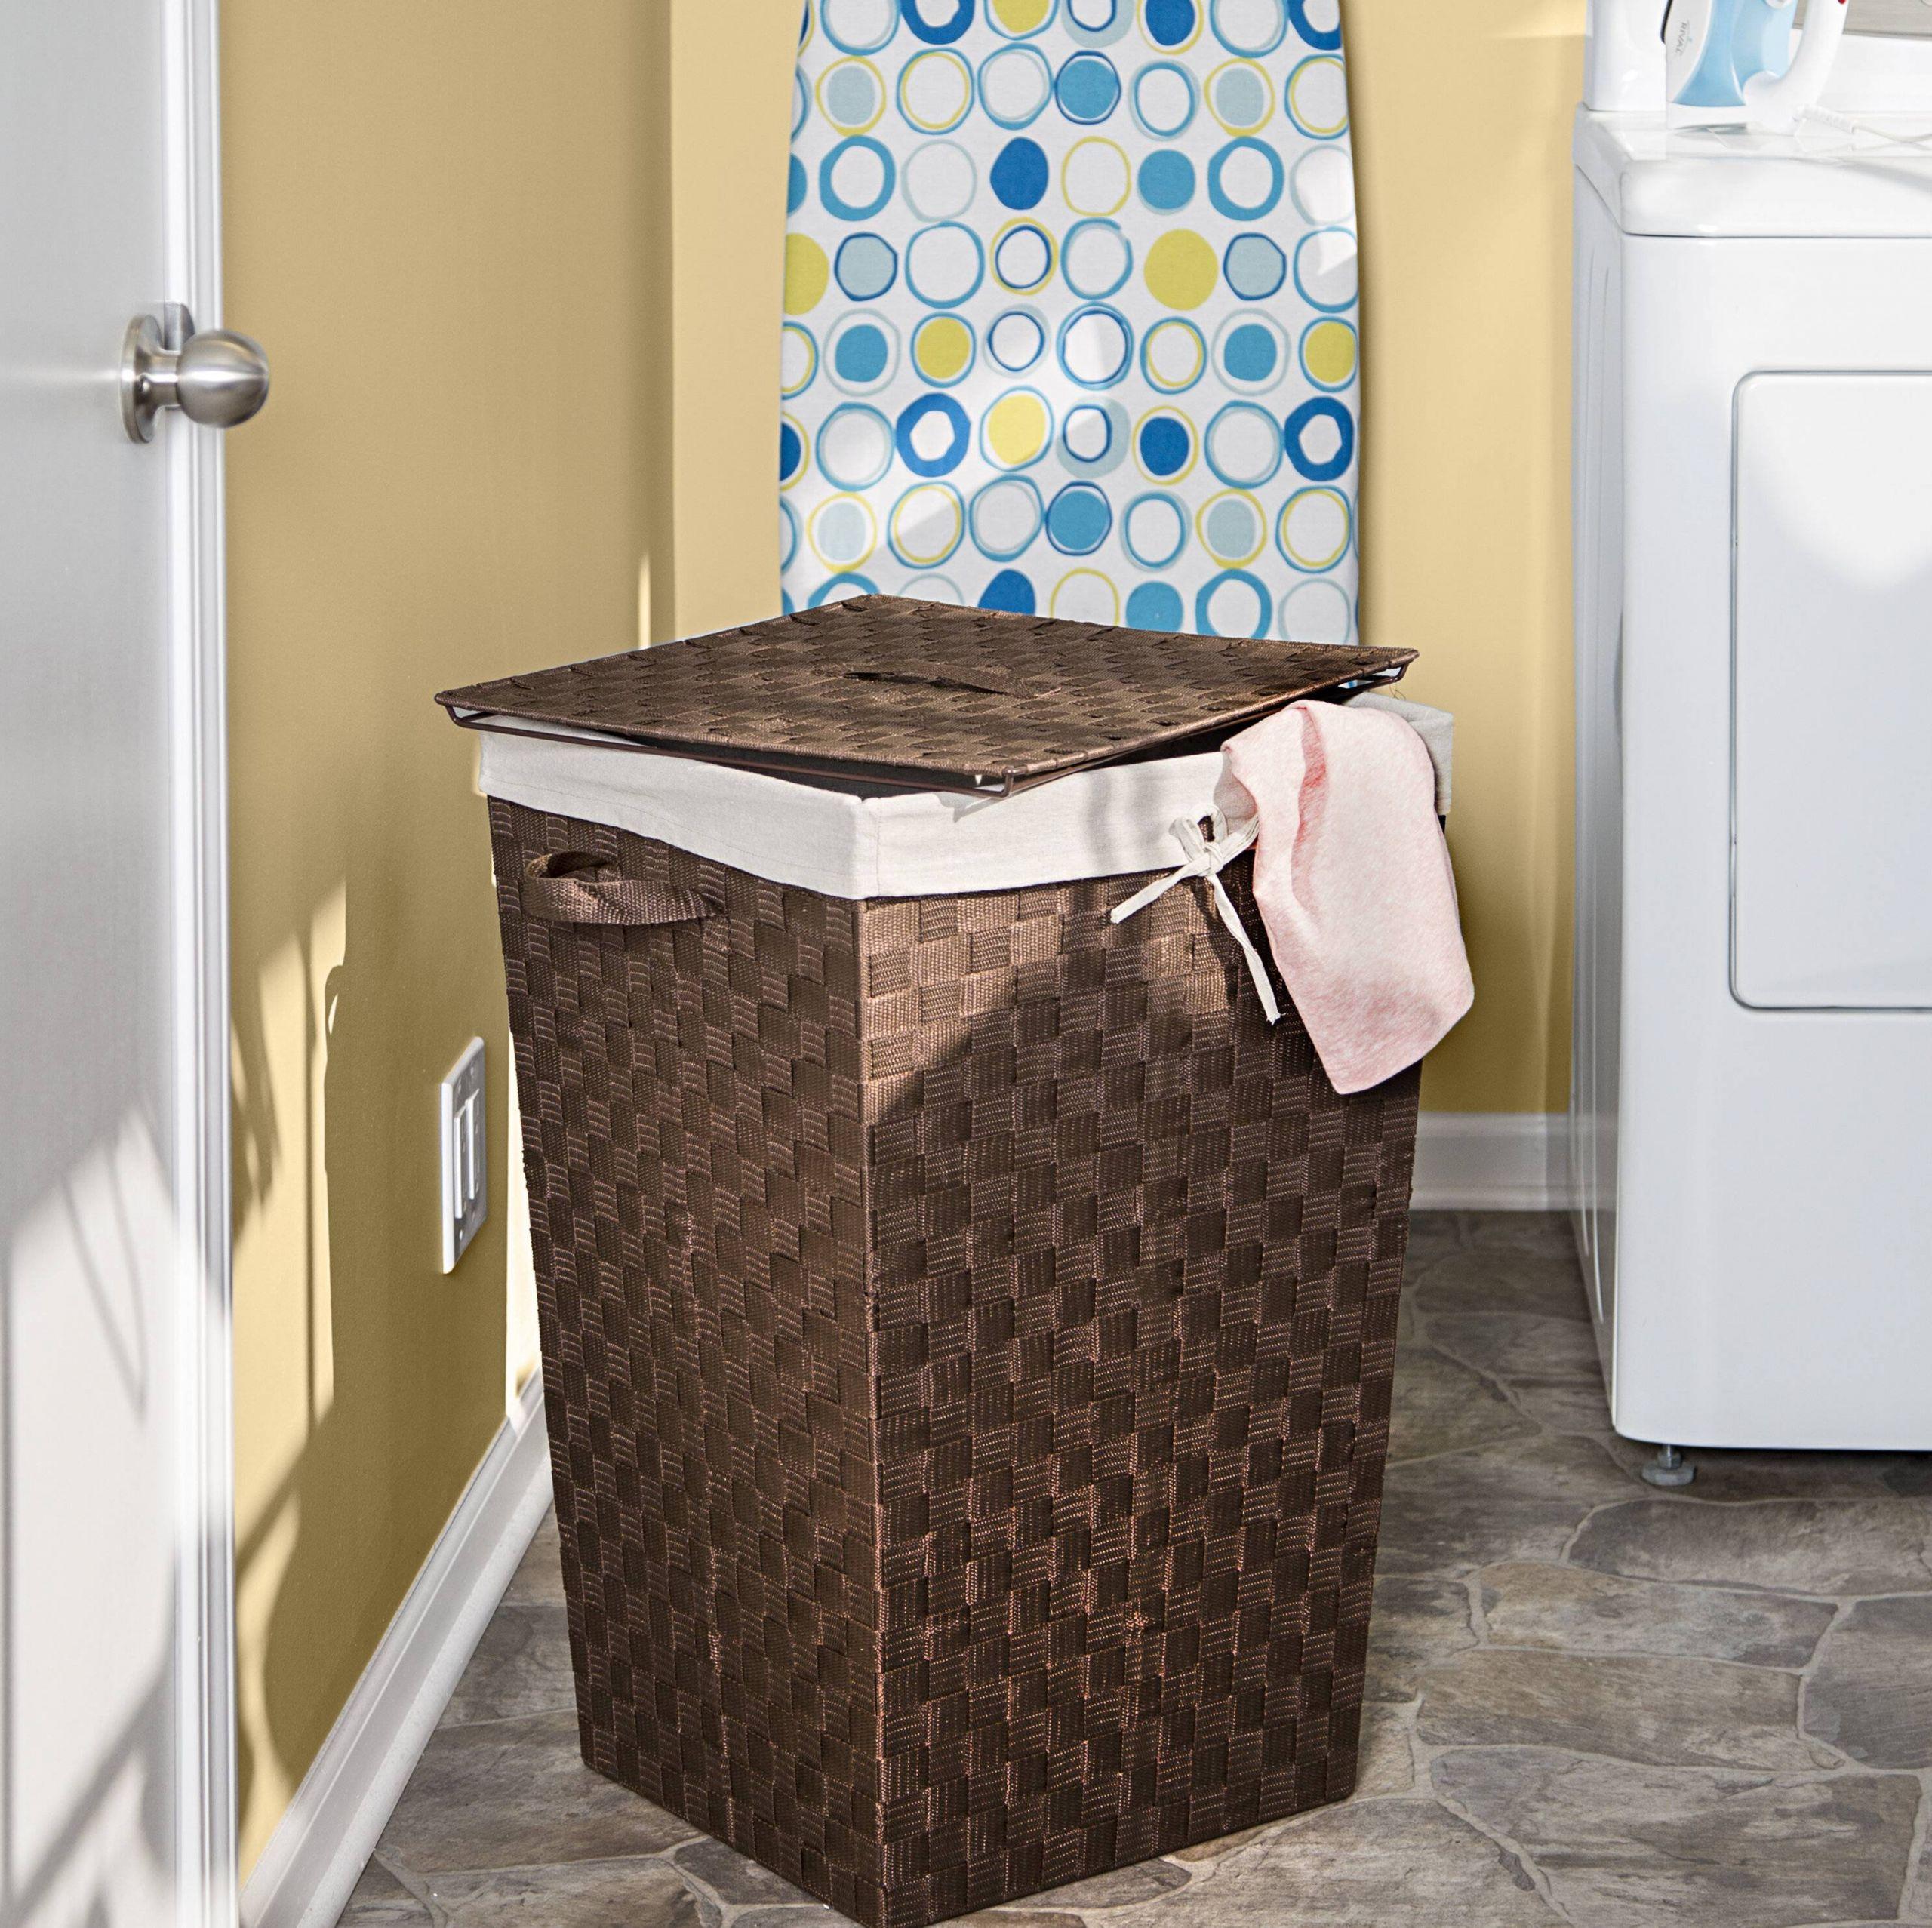 decorative woven laundry hamper